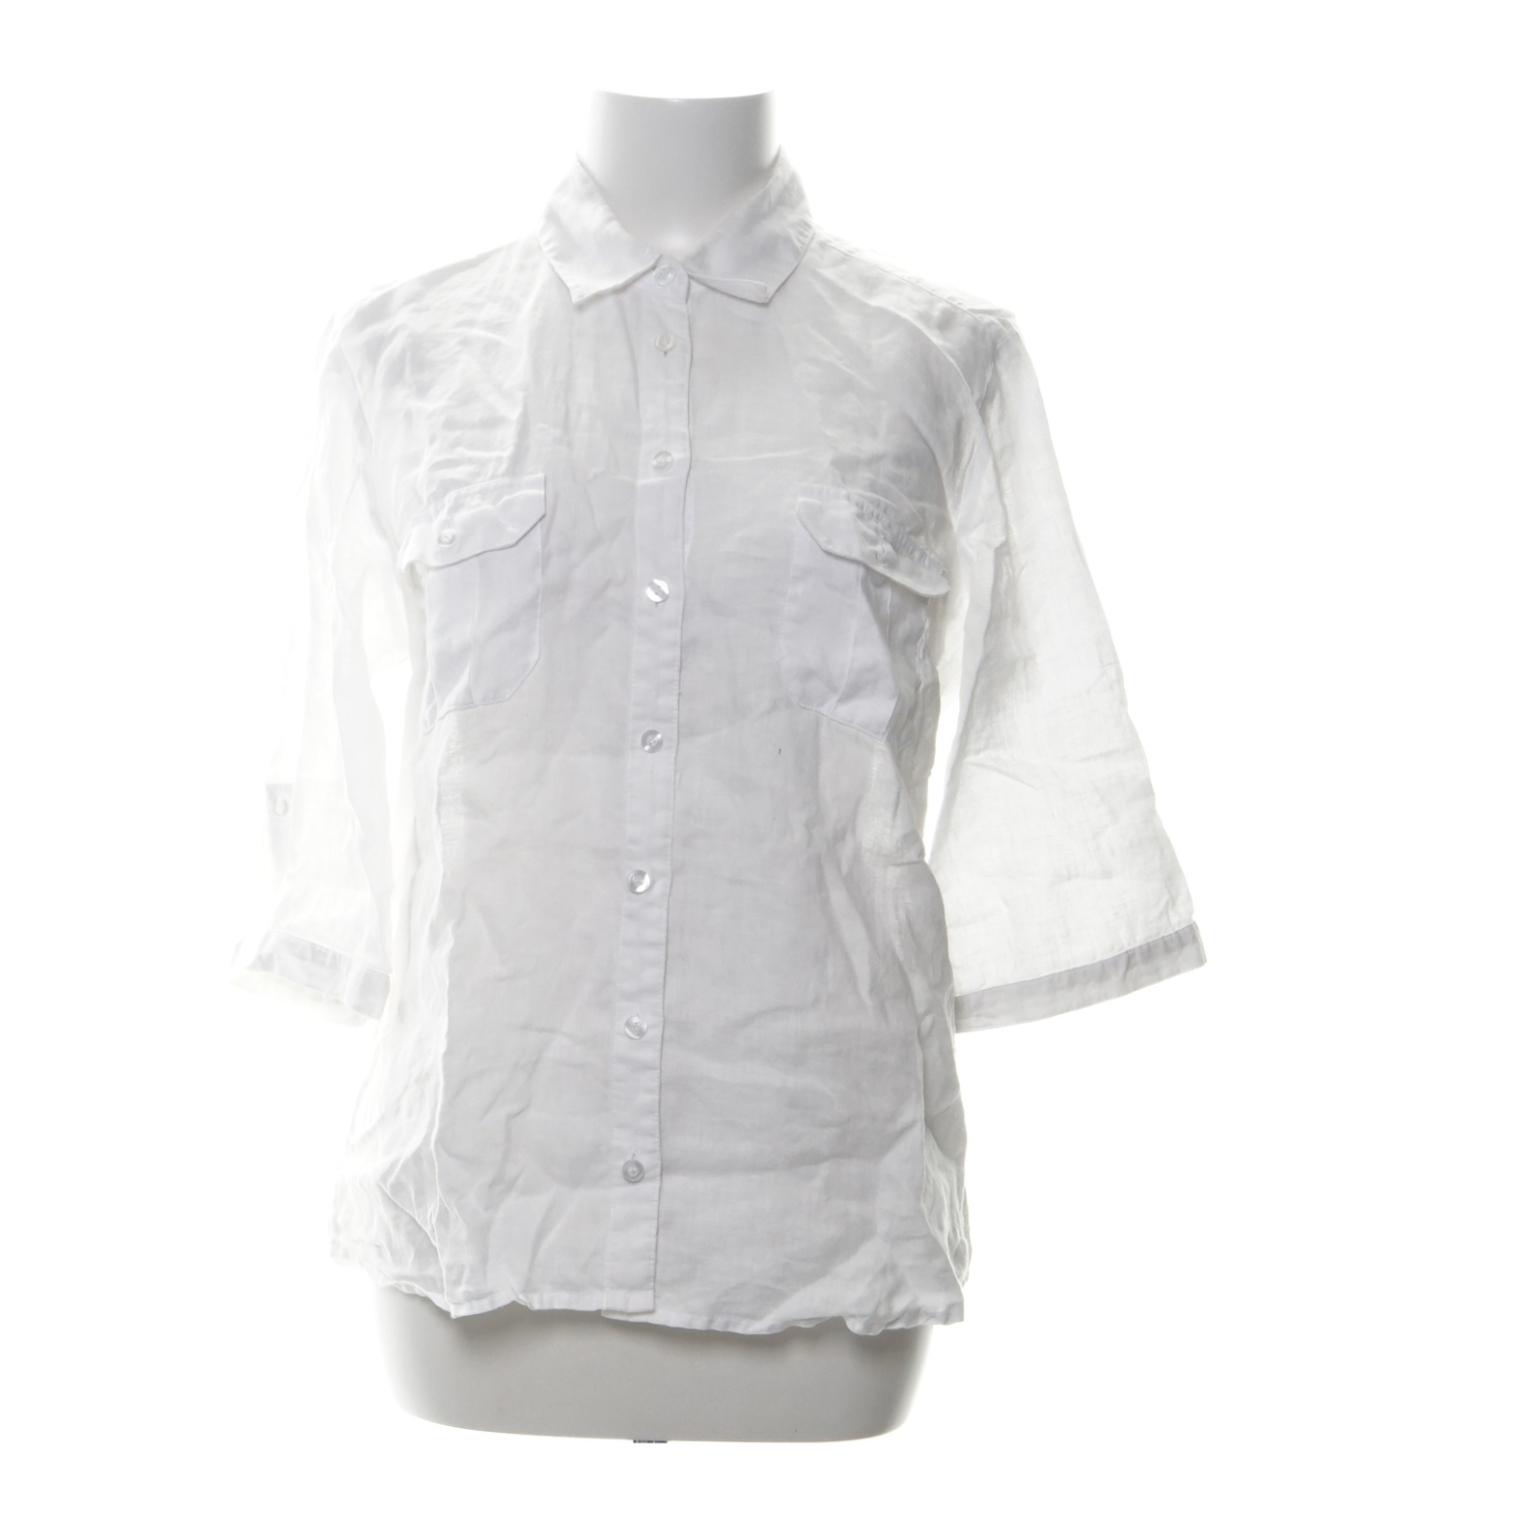 Kortärmad Skjorta (Vit) från H M Trend  7fc639f09fcc1